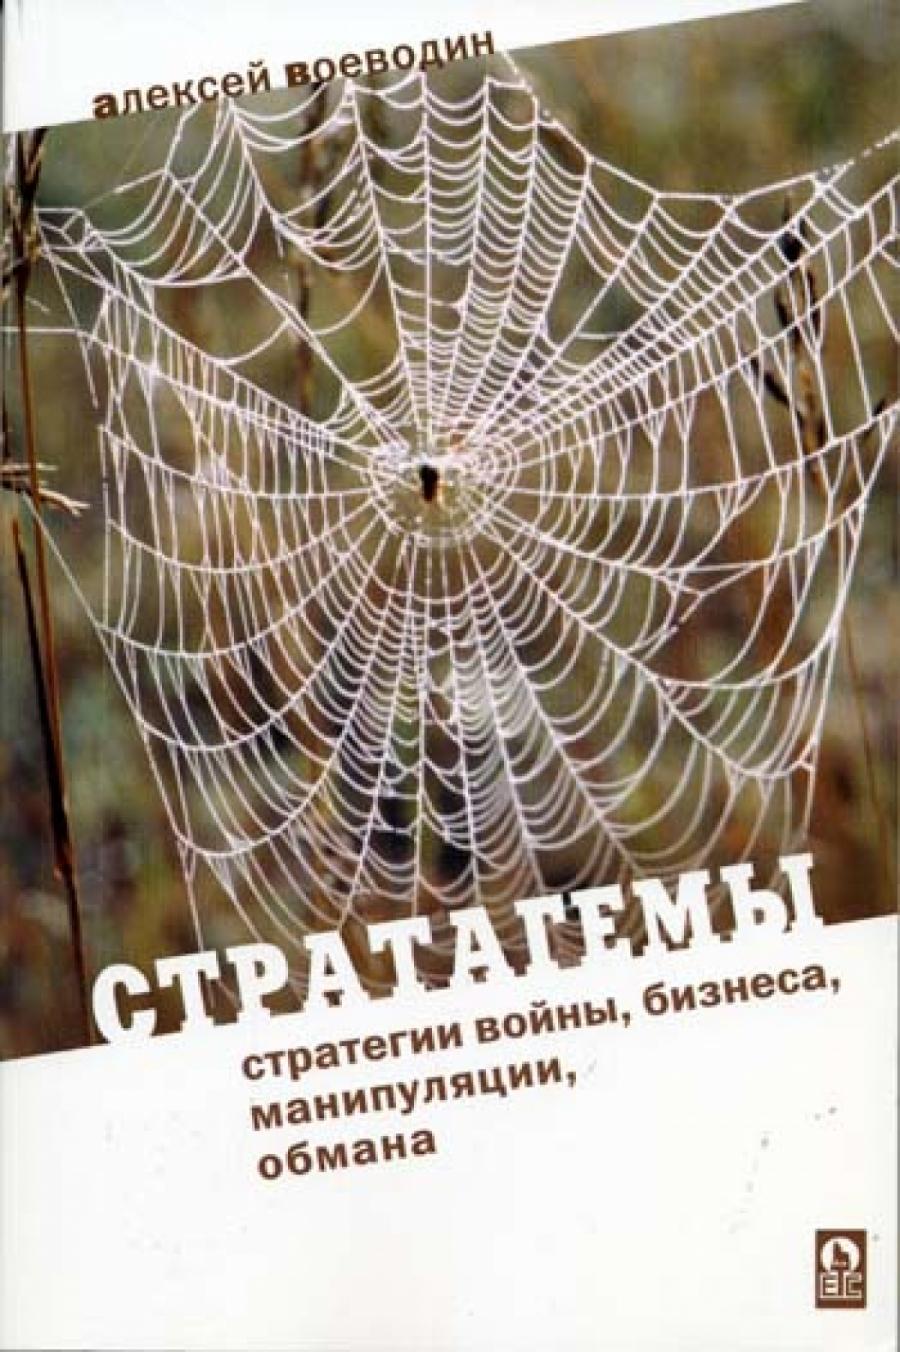 Обложка книги:  а. и. воеводин - стратогемы (стратегии войны, бизнеса, манипуляции, обмана)